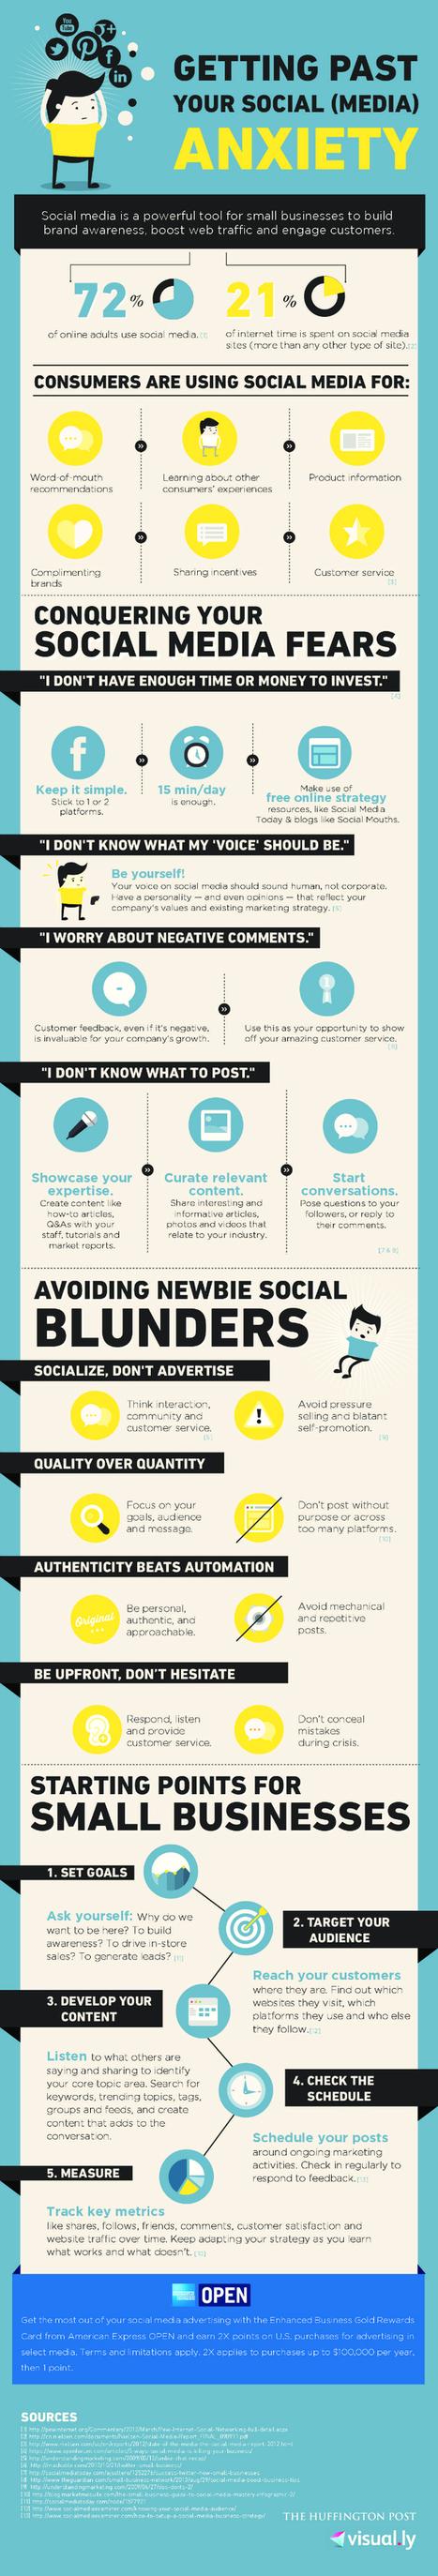 Las Redes Sociales causan ansiedad en las pymes #infografia #infographic #socialmedia | juancarloscampos.net | Scoop.it